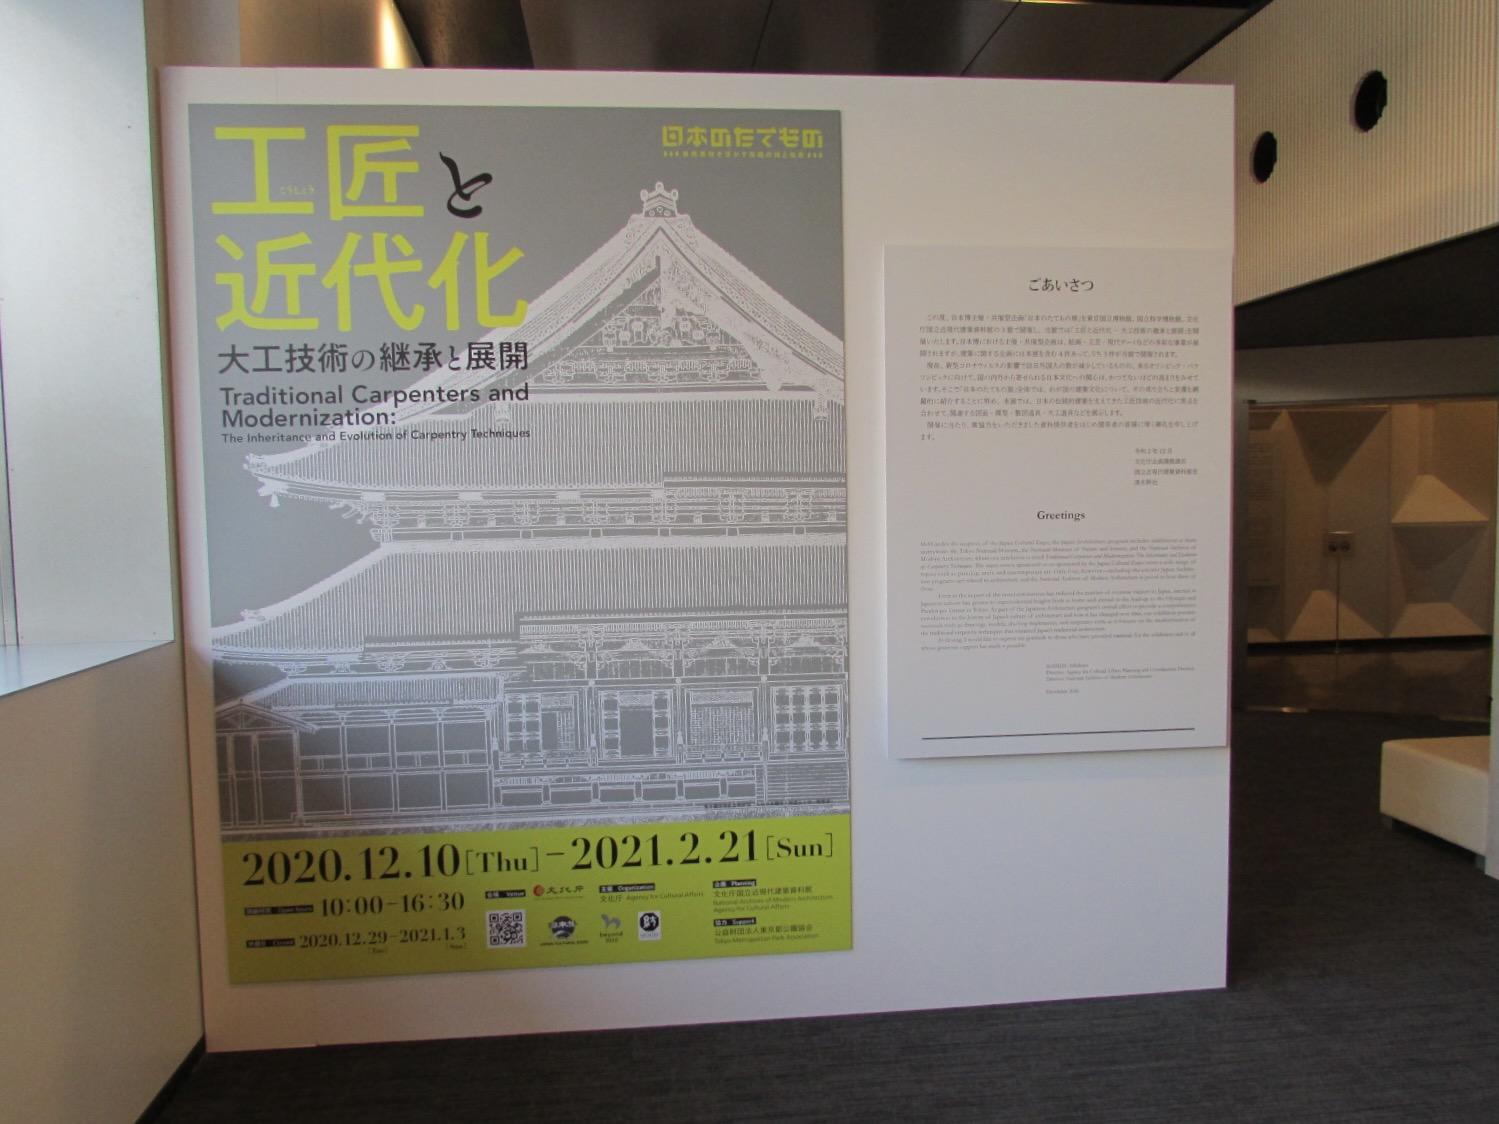 f:id:hiro-jp:20210204155423j:plain